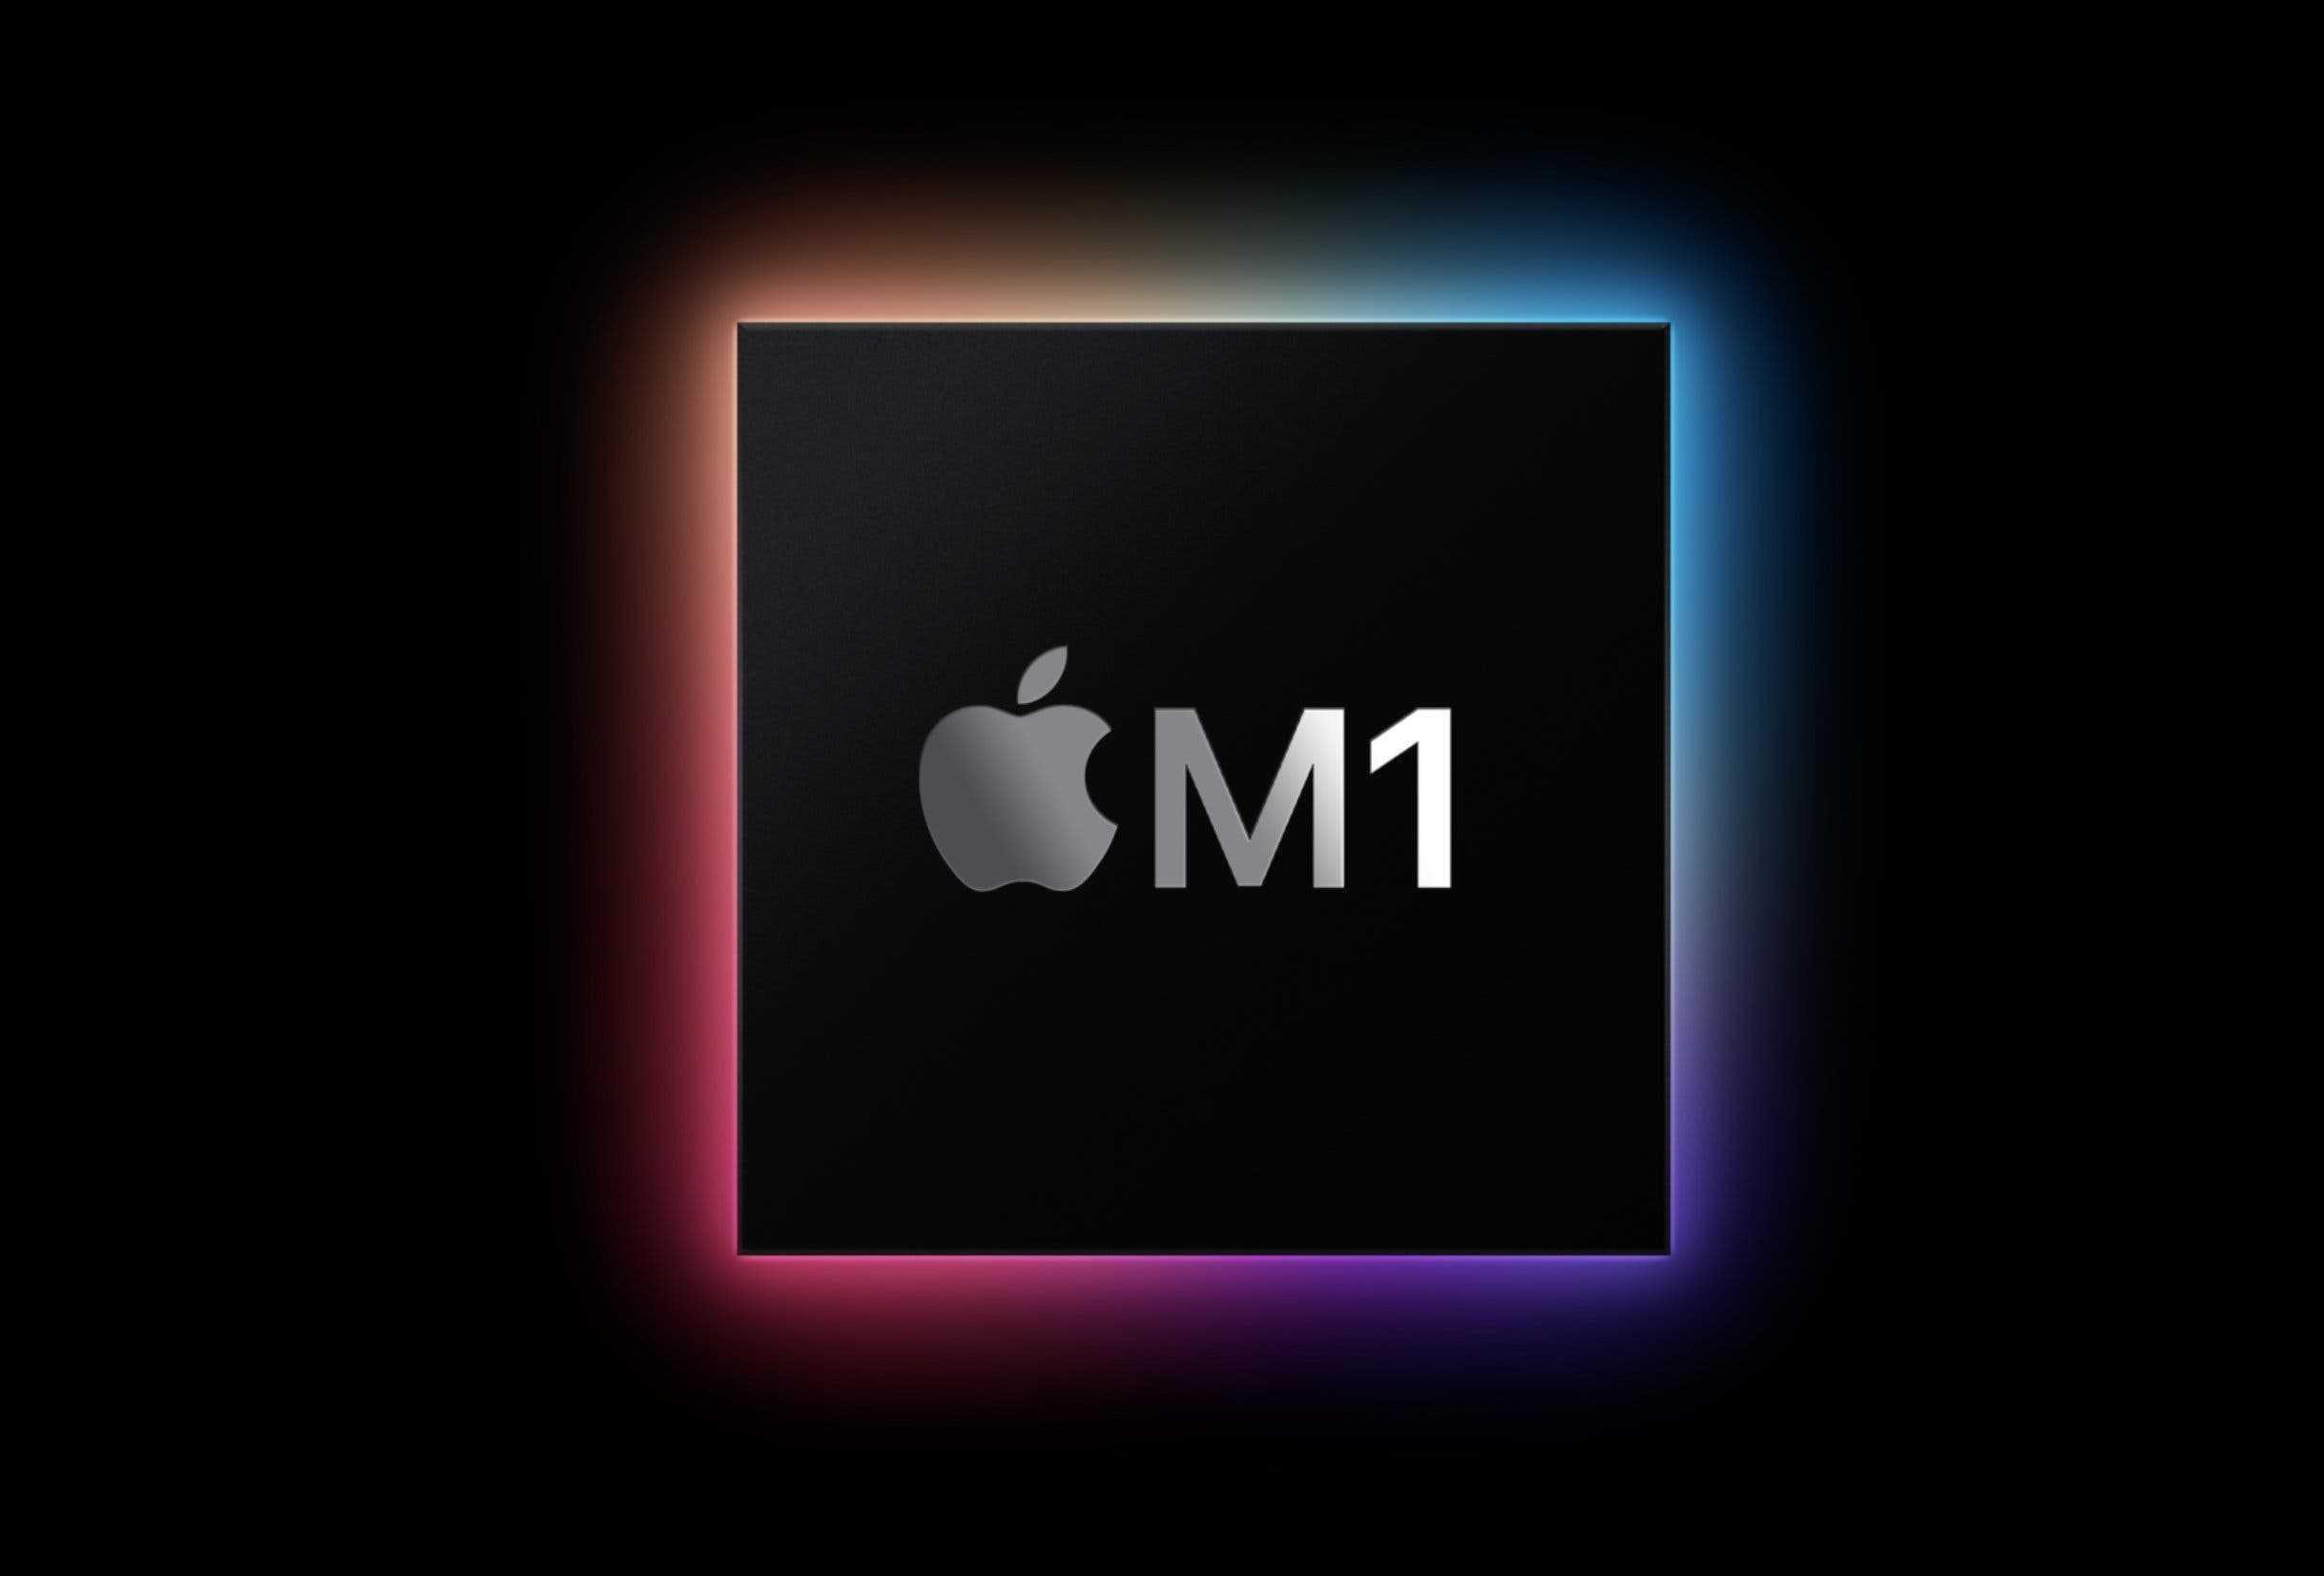 Vous pouvez maintenant installer Windows 10 sur un Macbook avec la puce Apple M1